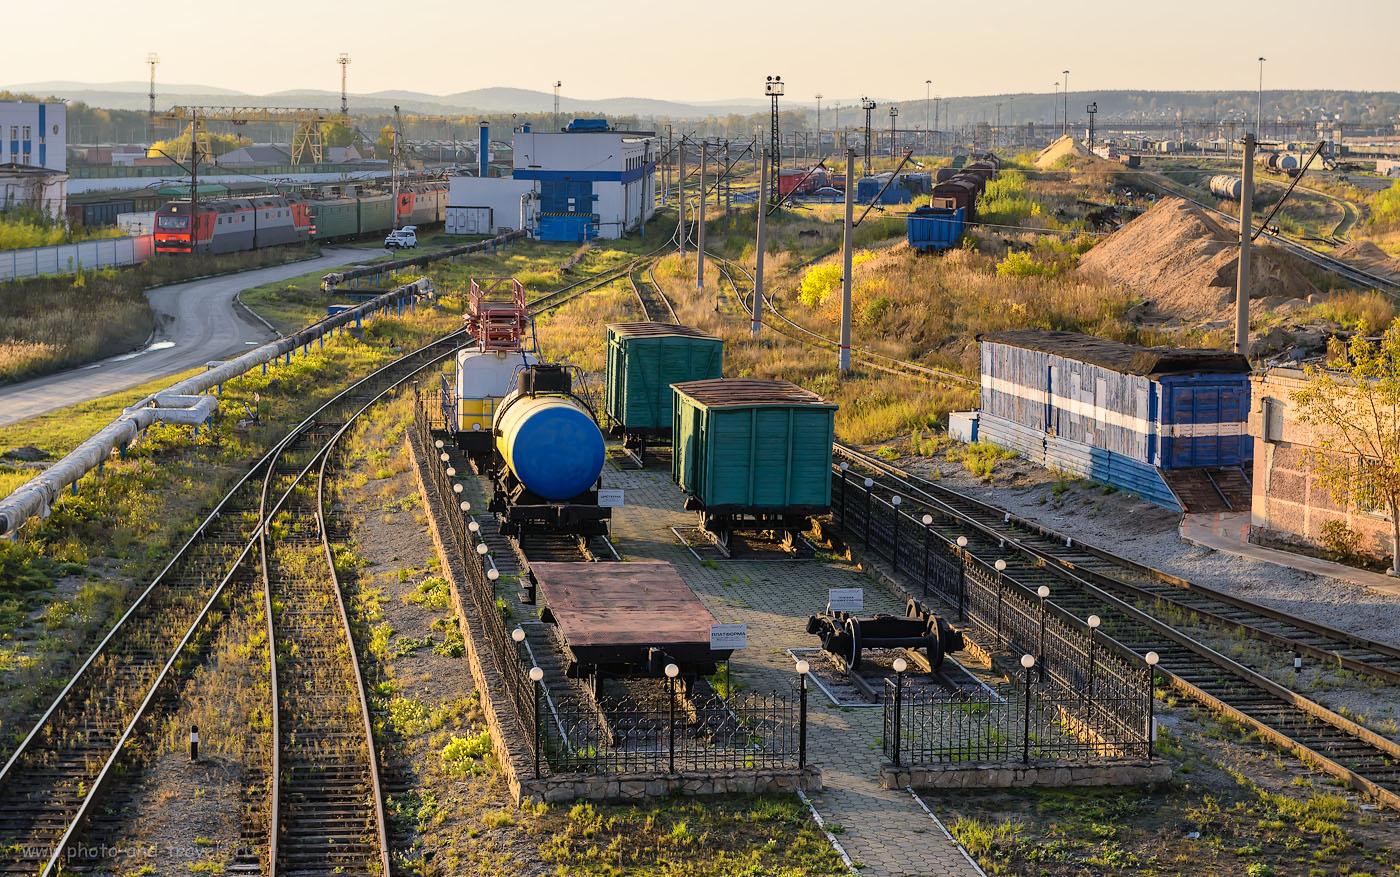 Фотография 6. Платформы и грузовые вагоны в музее поездов. 1/160, -2.0, 8.0, 200, 70.